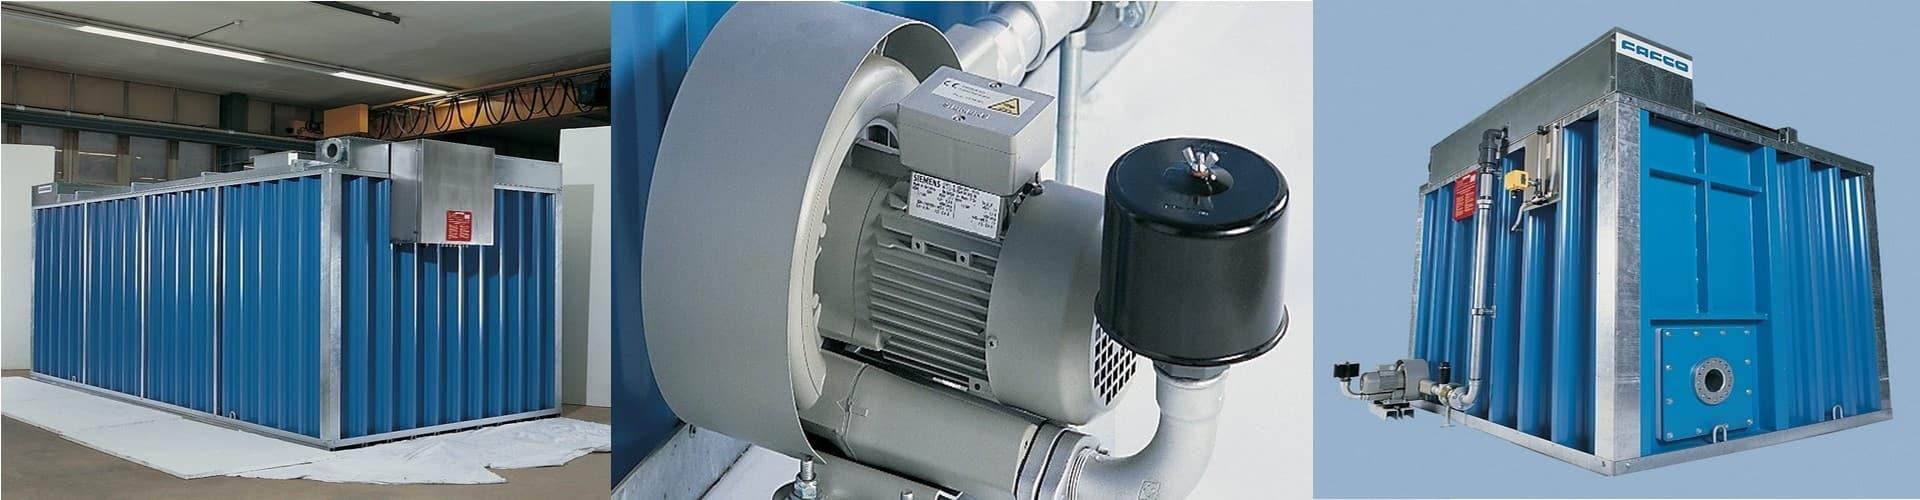 Climatica - stocarea energiei - FAFCO - ICEBAT-uri